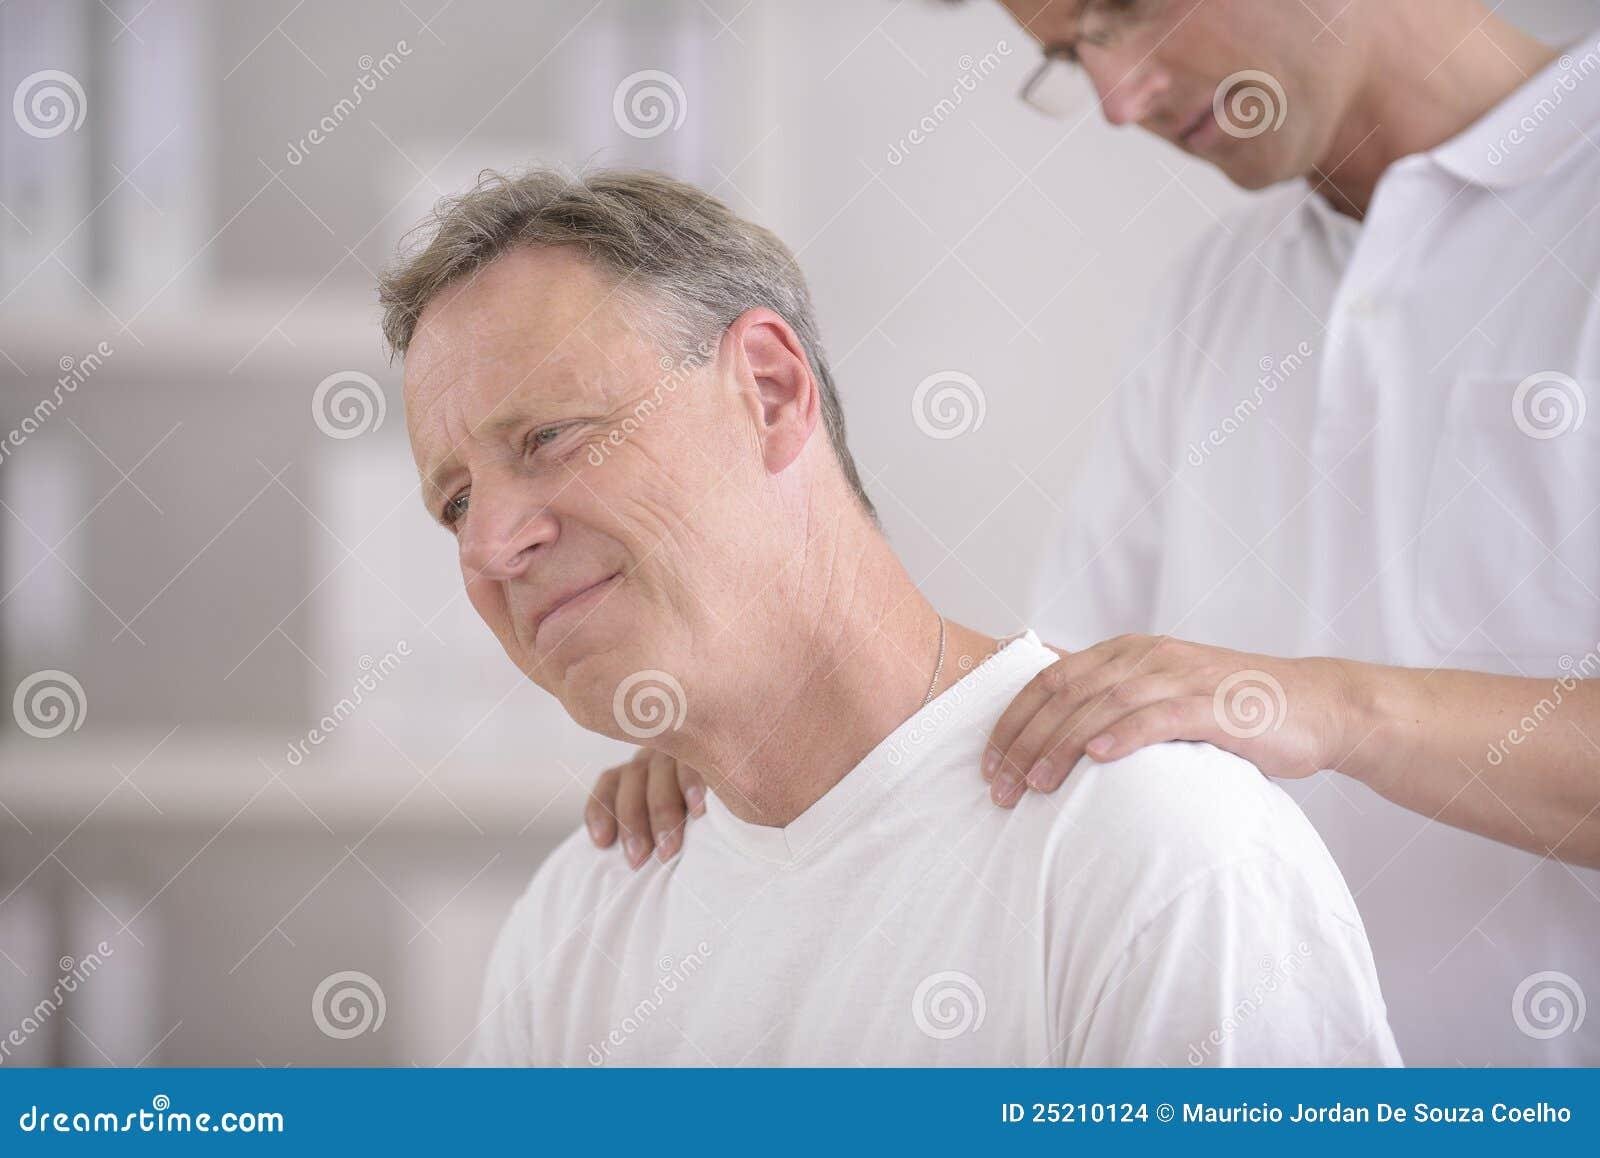 Fisioterapia: Fisioterapista che massaggia paziente